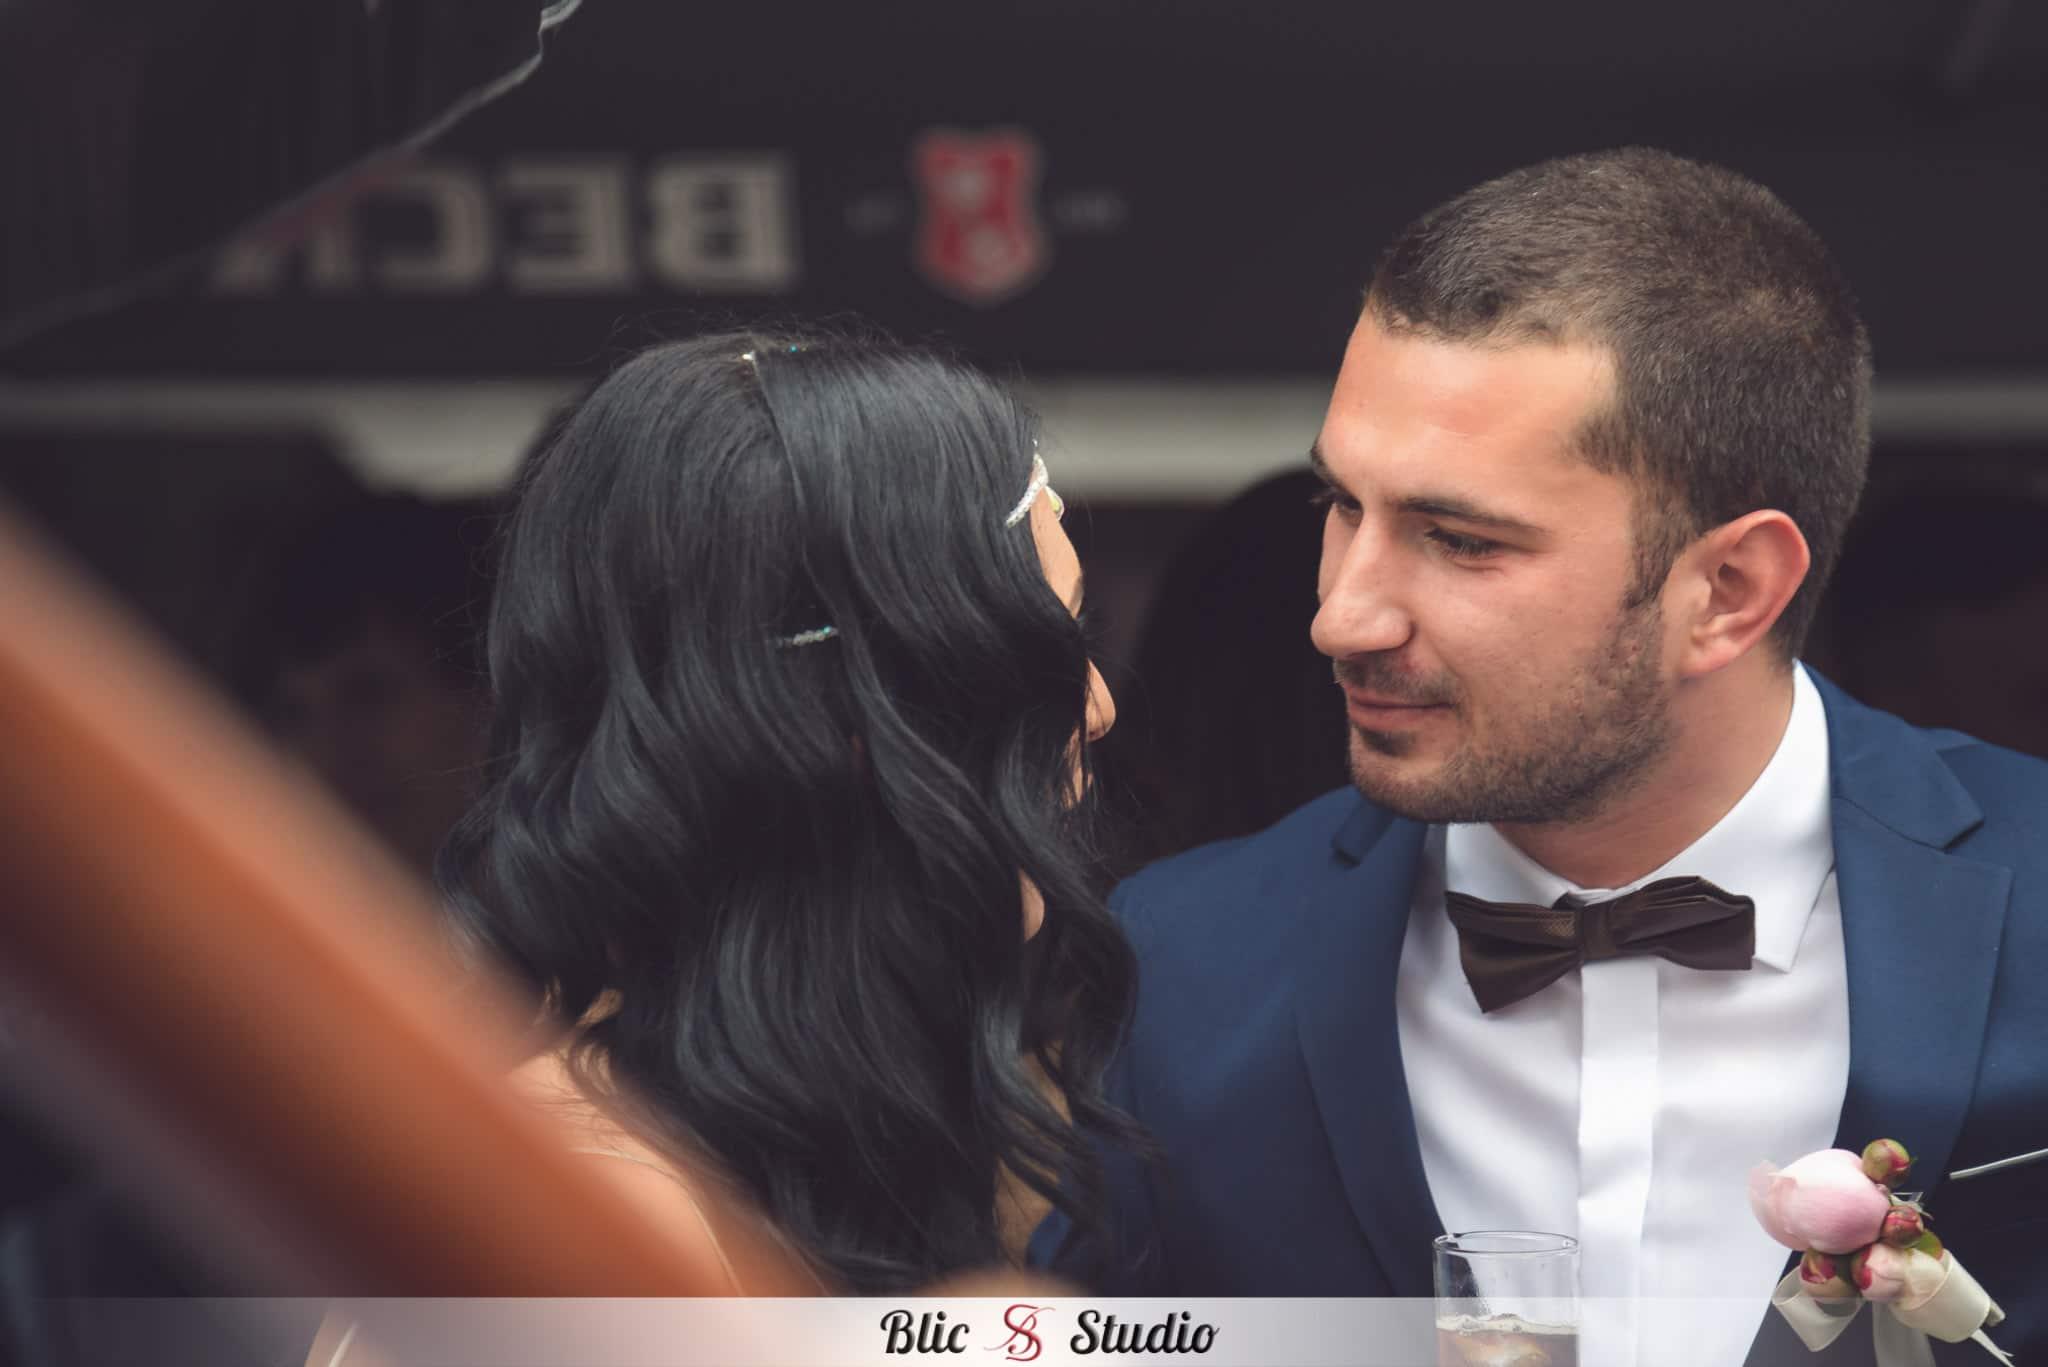 Fotograf_za_vjenčanje_foto_studio_blic_marincel (61)